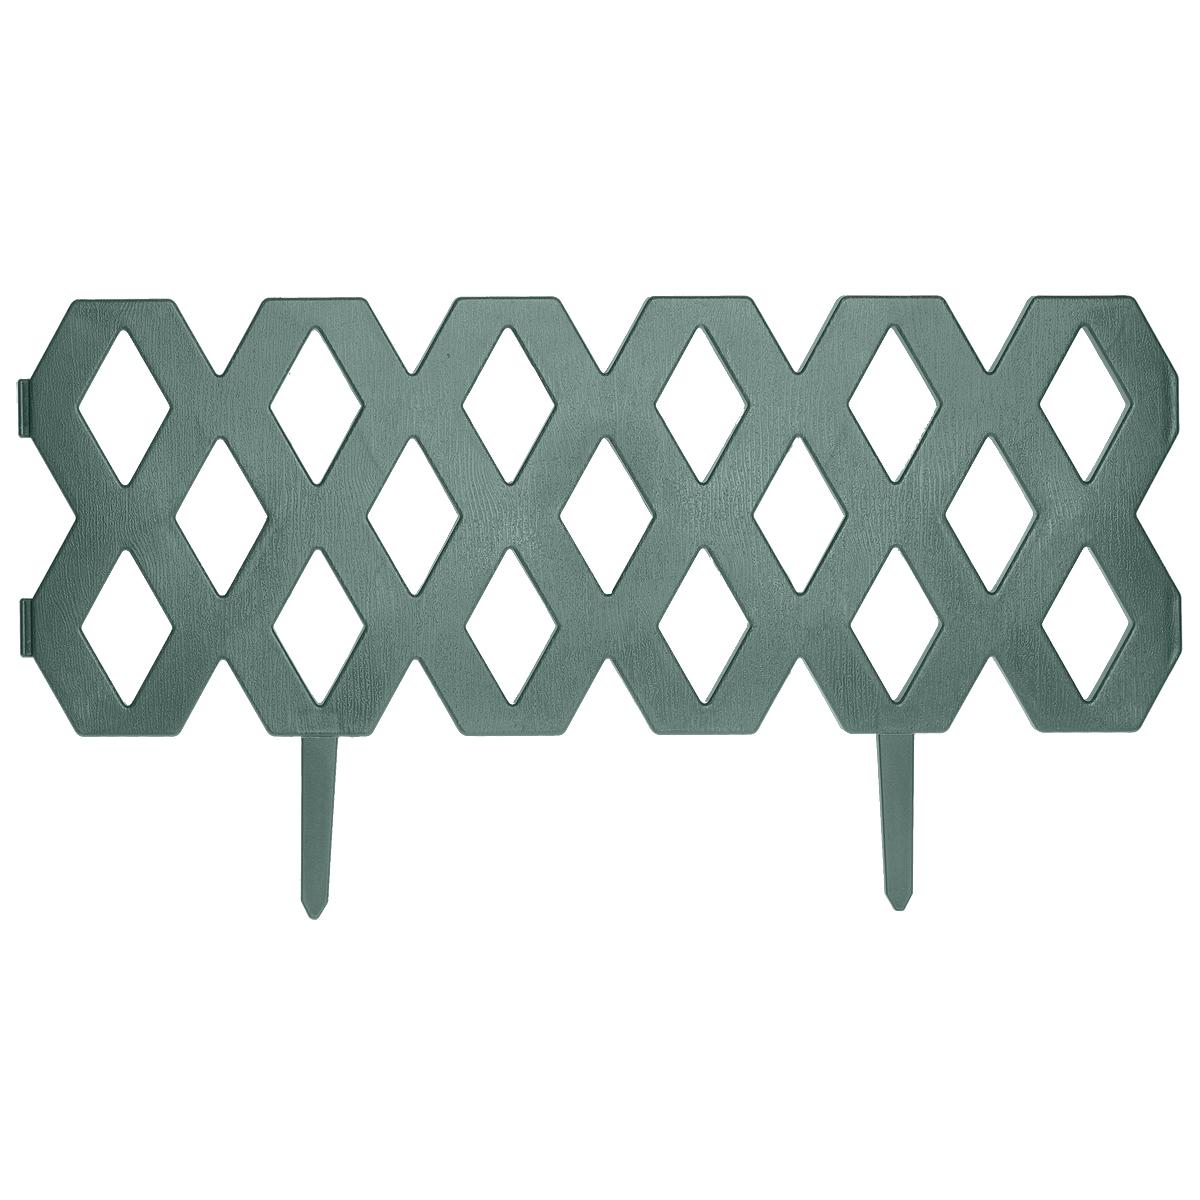 Забор декоративный пластиковый FIT Ромб, цвет: зеленый, 2 секции, 1,2 м77489Забор декоративный FIT предназначен как для украшения садового участка, так и для компоновки грядок и клумб. Соединяются секции между собой прочными креплениями. Высота: 22 см (31 см с ножками). Длина одной секции: 60 см.